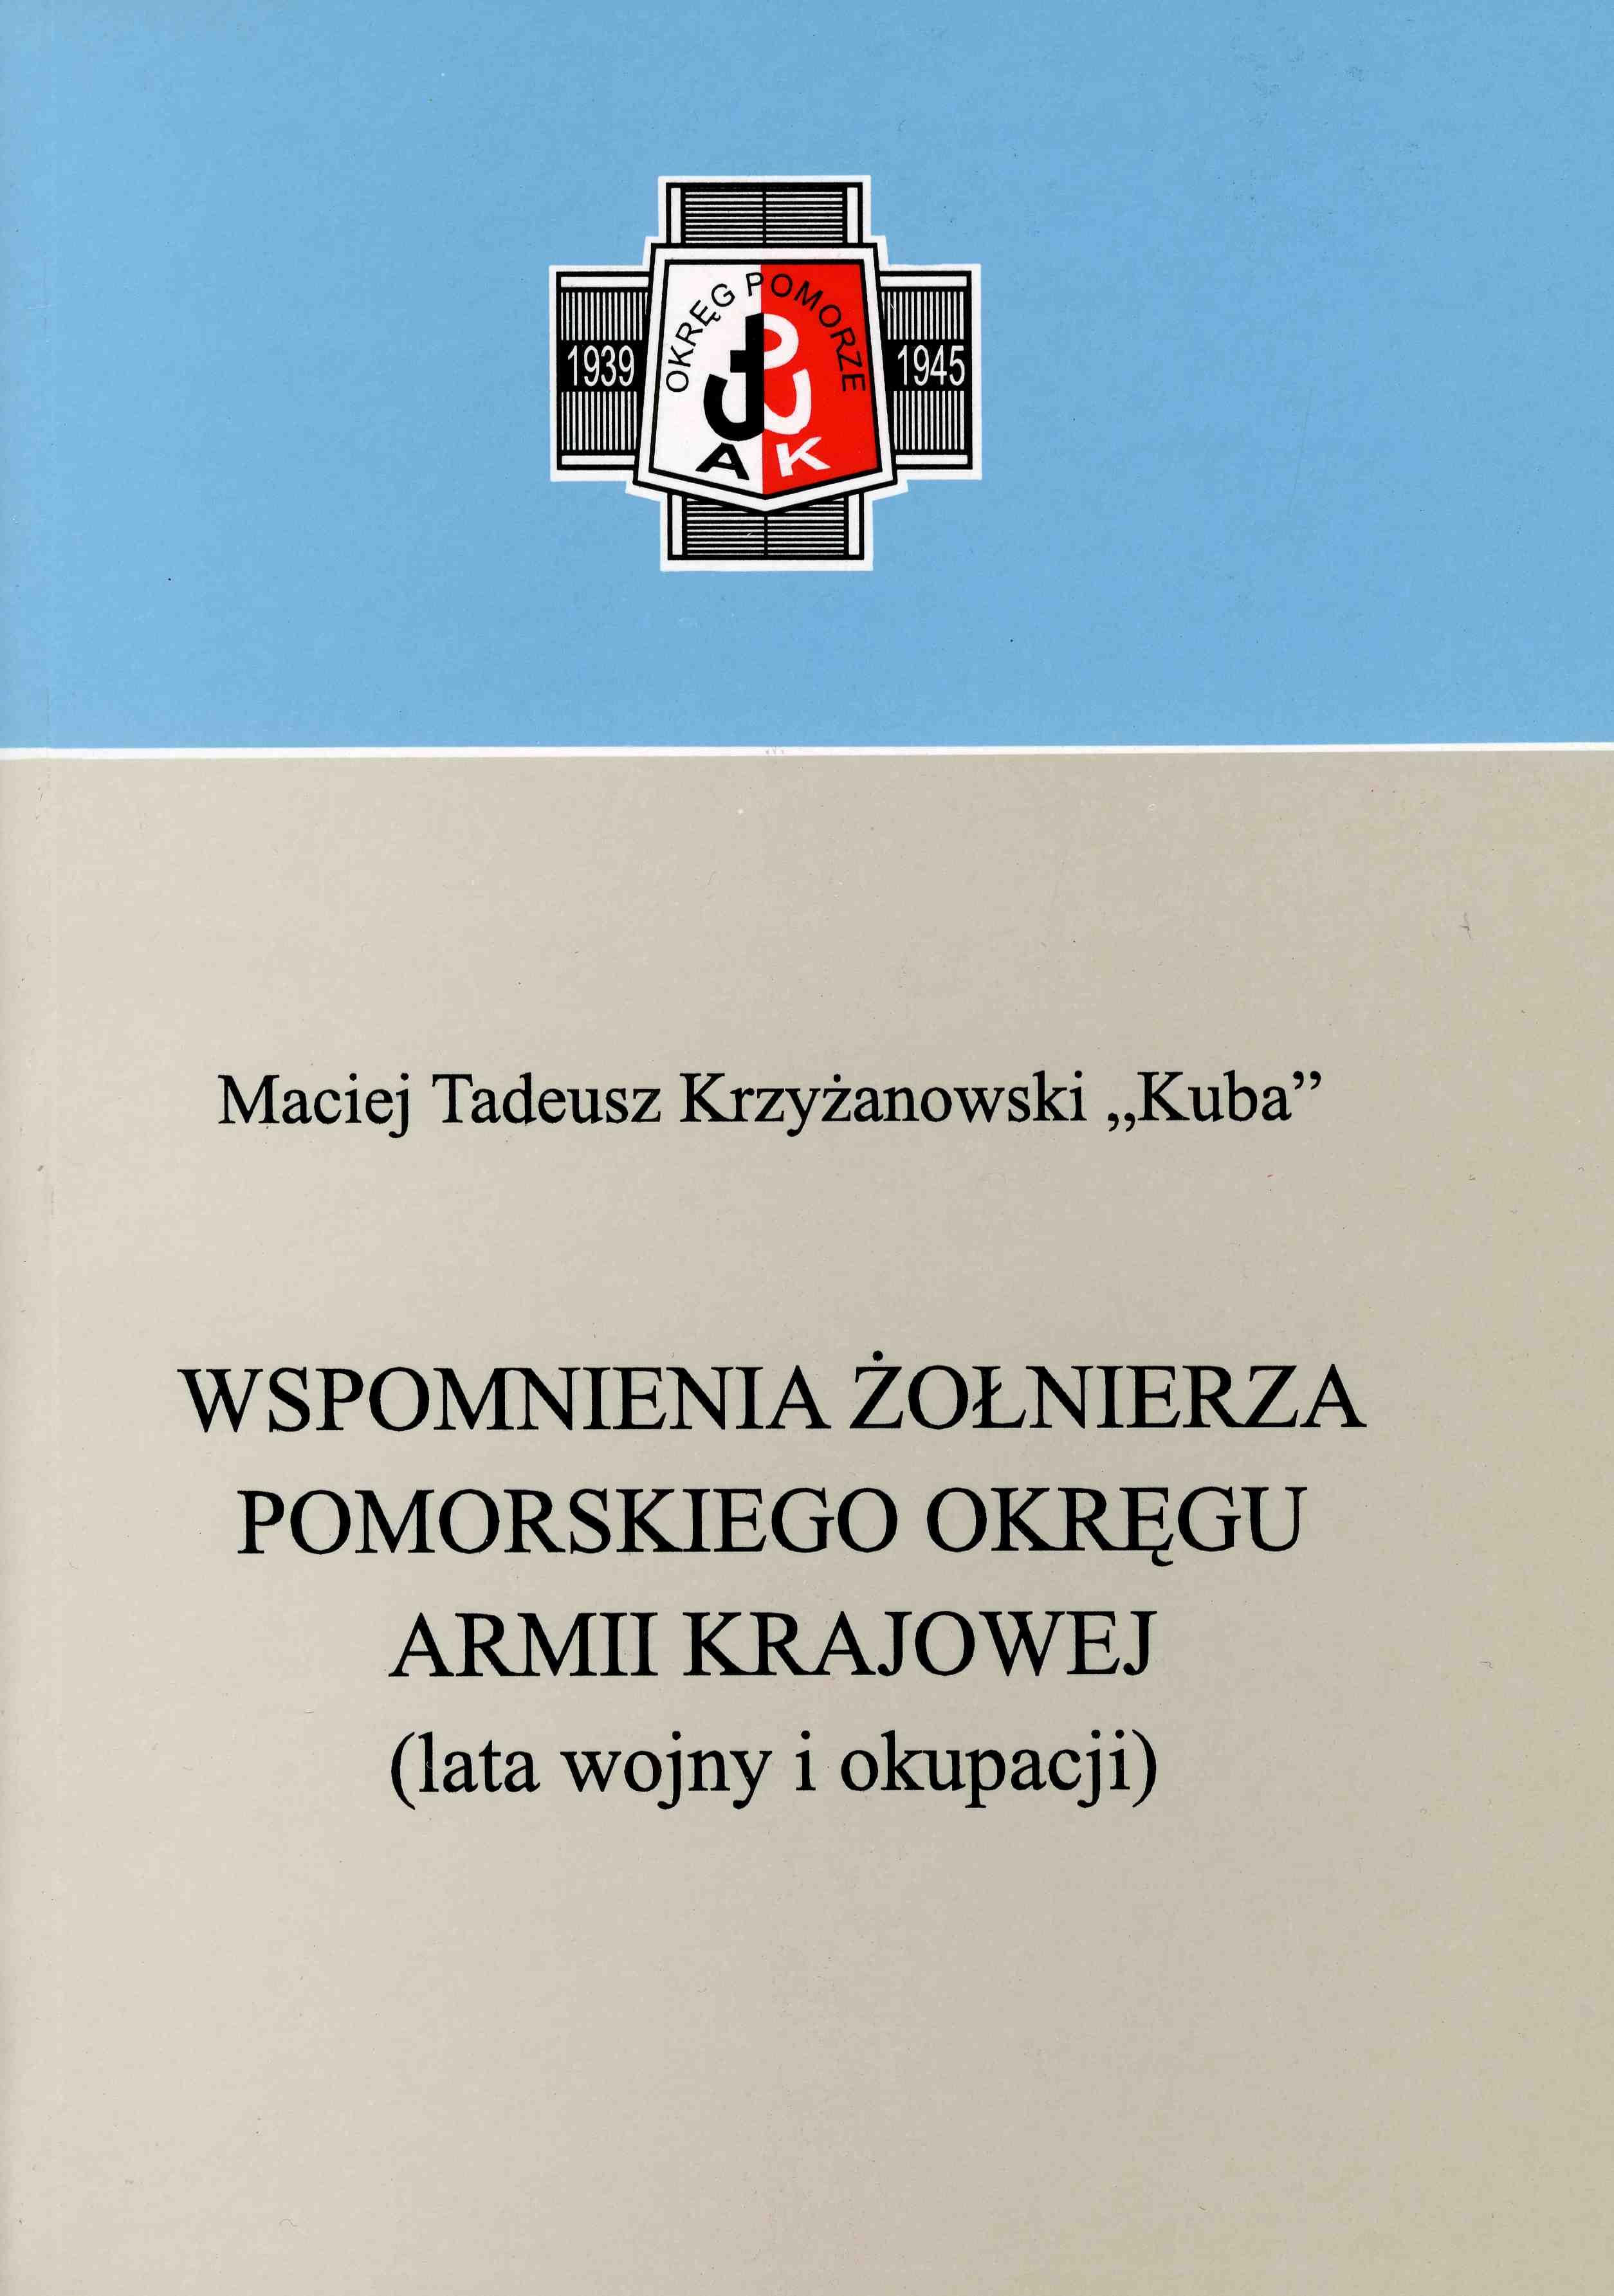 Wspomnienia żołnierza Pomorskiego Okręgu AK (M.T.Krzyżanowski